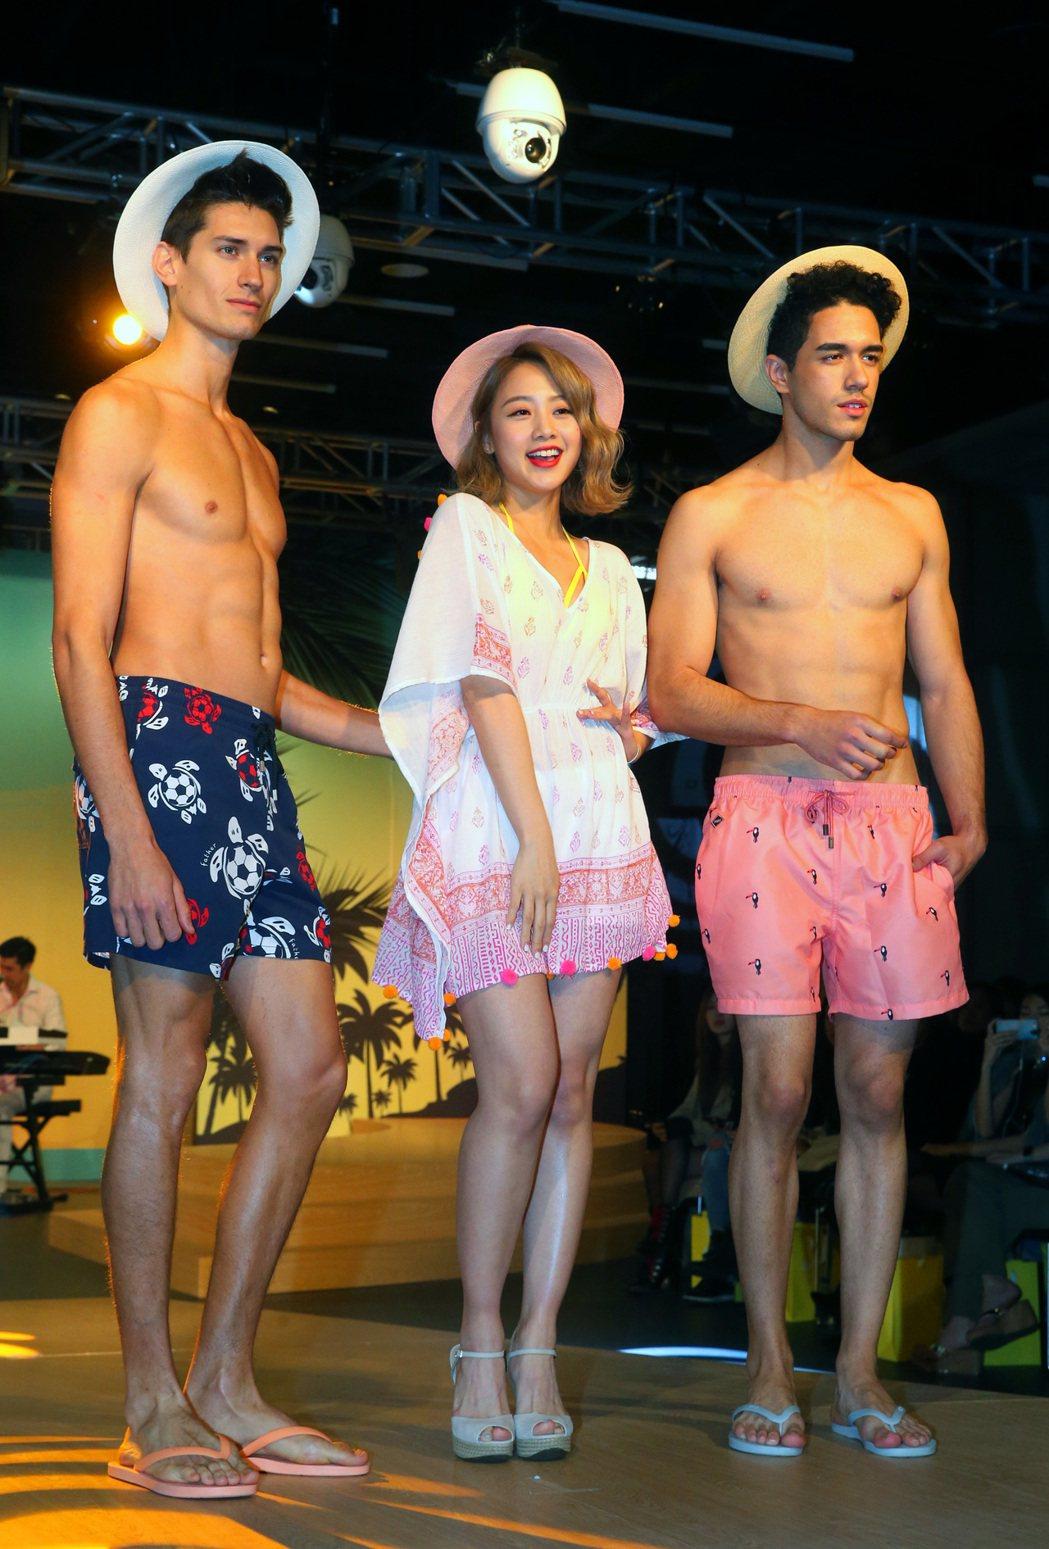 包括Voda Swim等泳裝品牌昨天舉行聯合發表會,現場充滿熱帶拉丁風情,出席發...